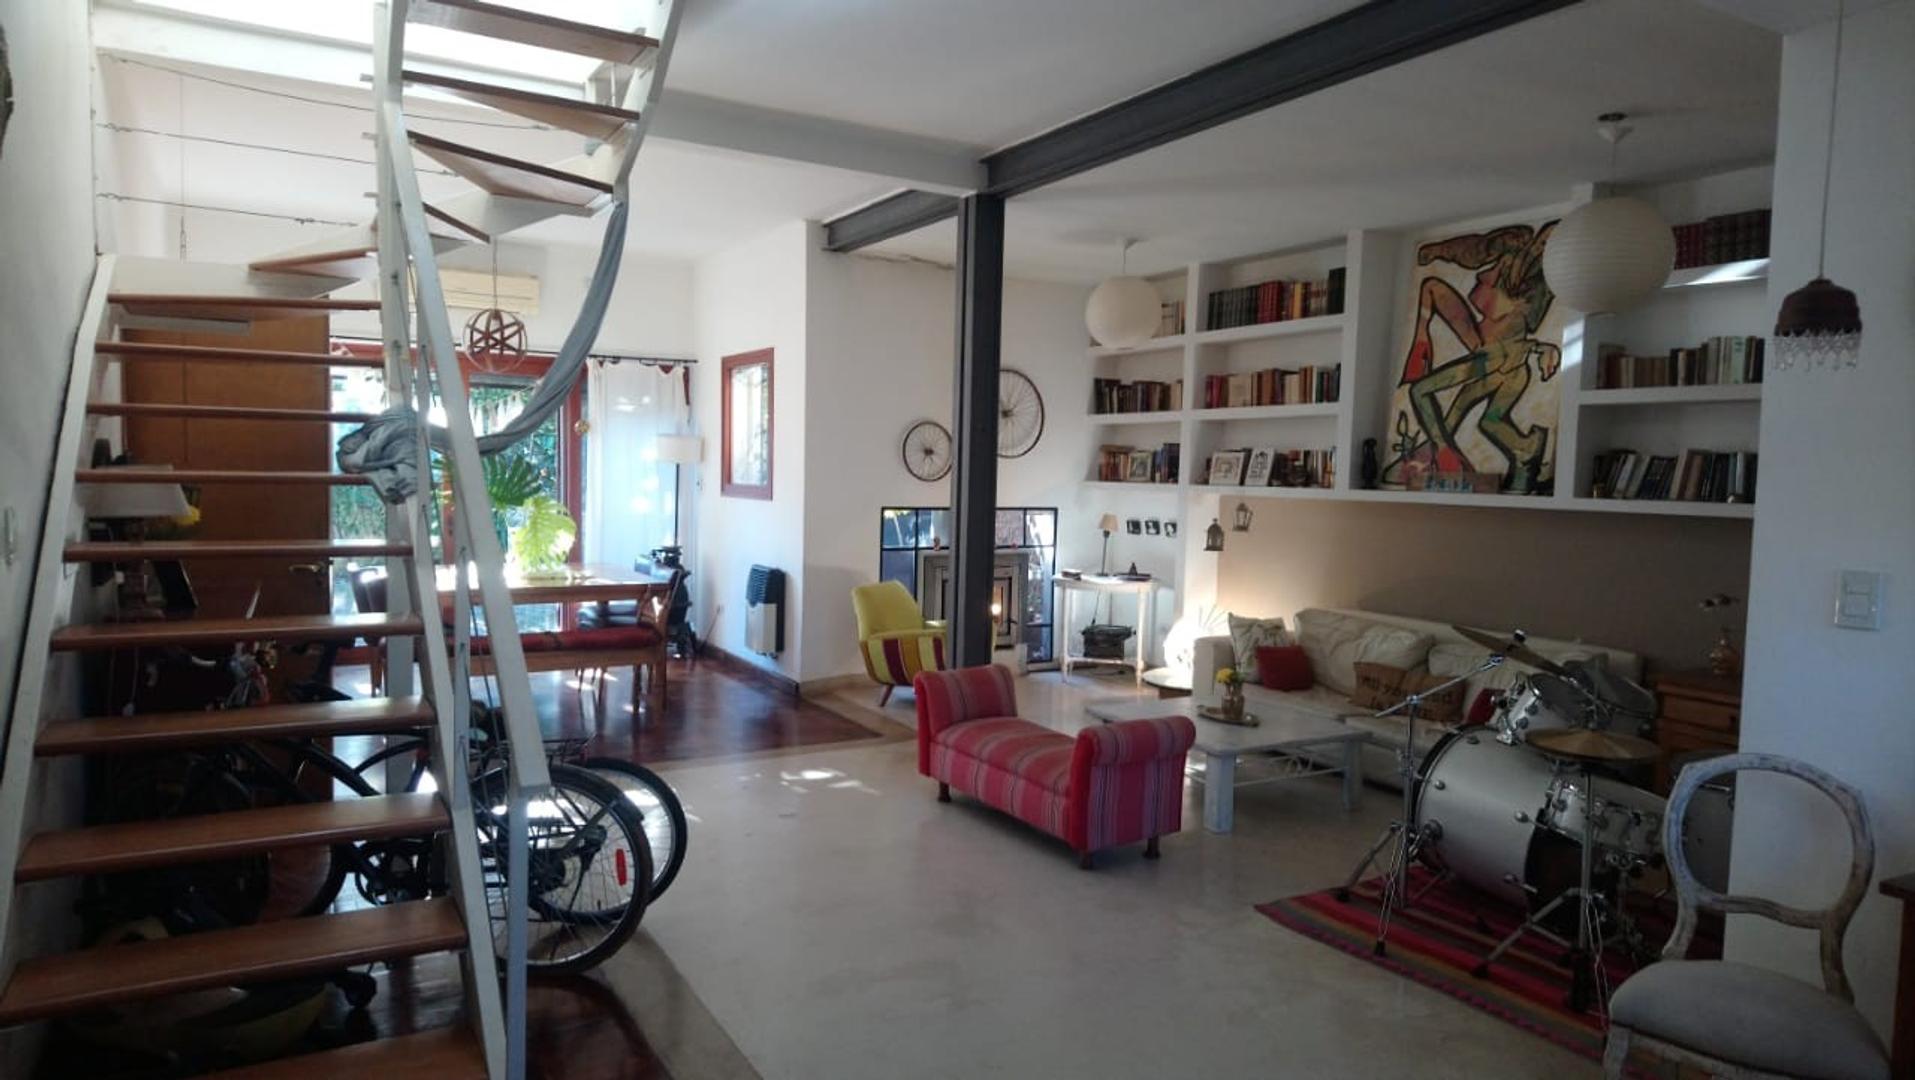 Excelente Casa 4 ambientes con cochera, patio, terraza